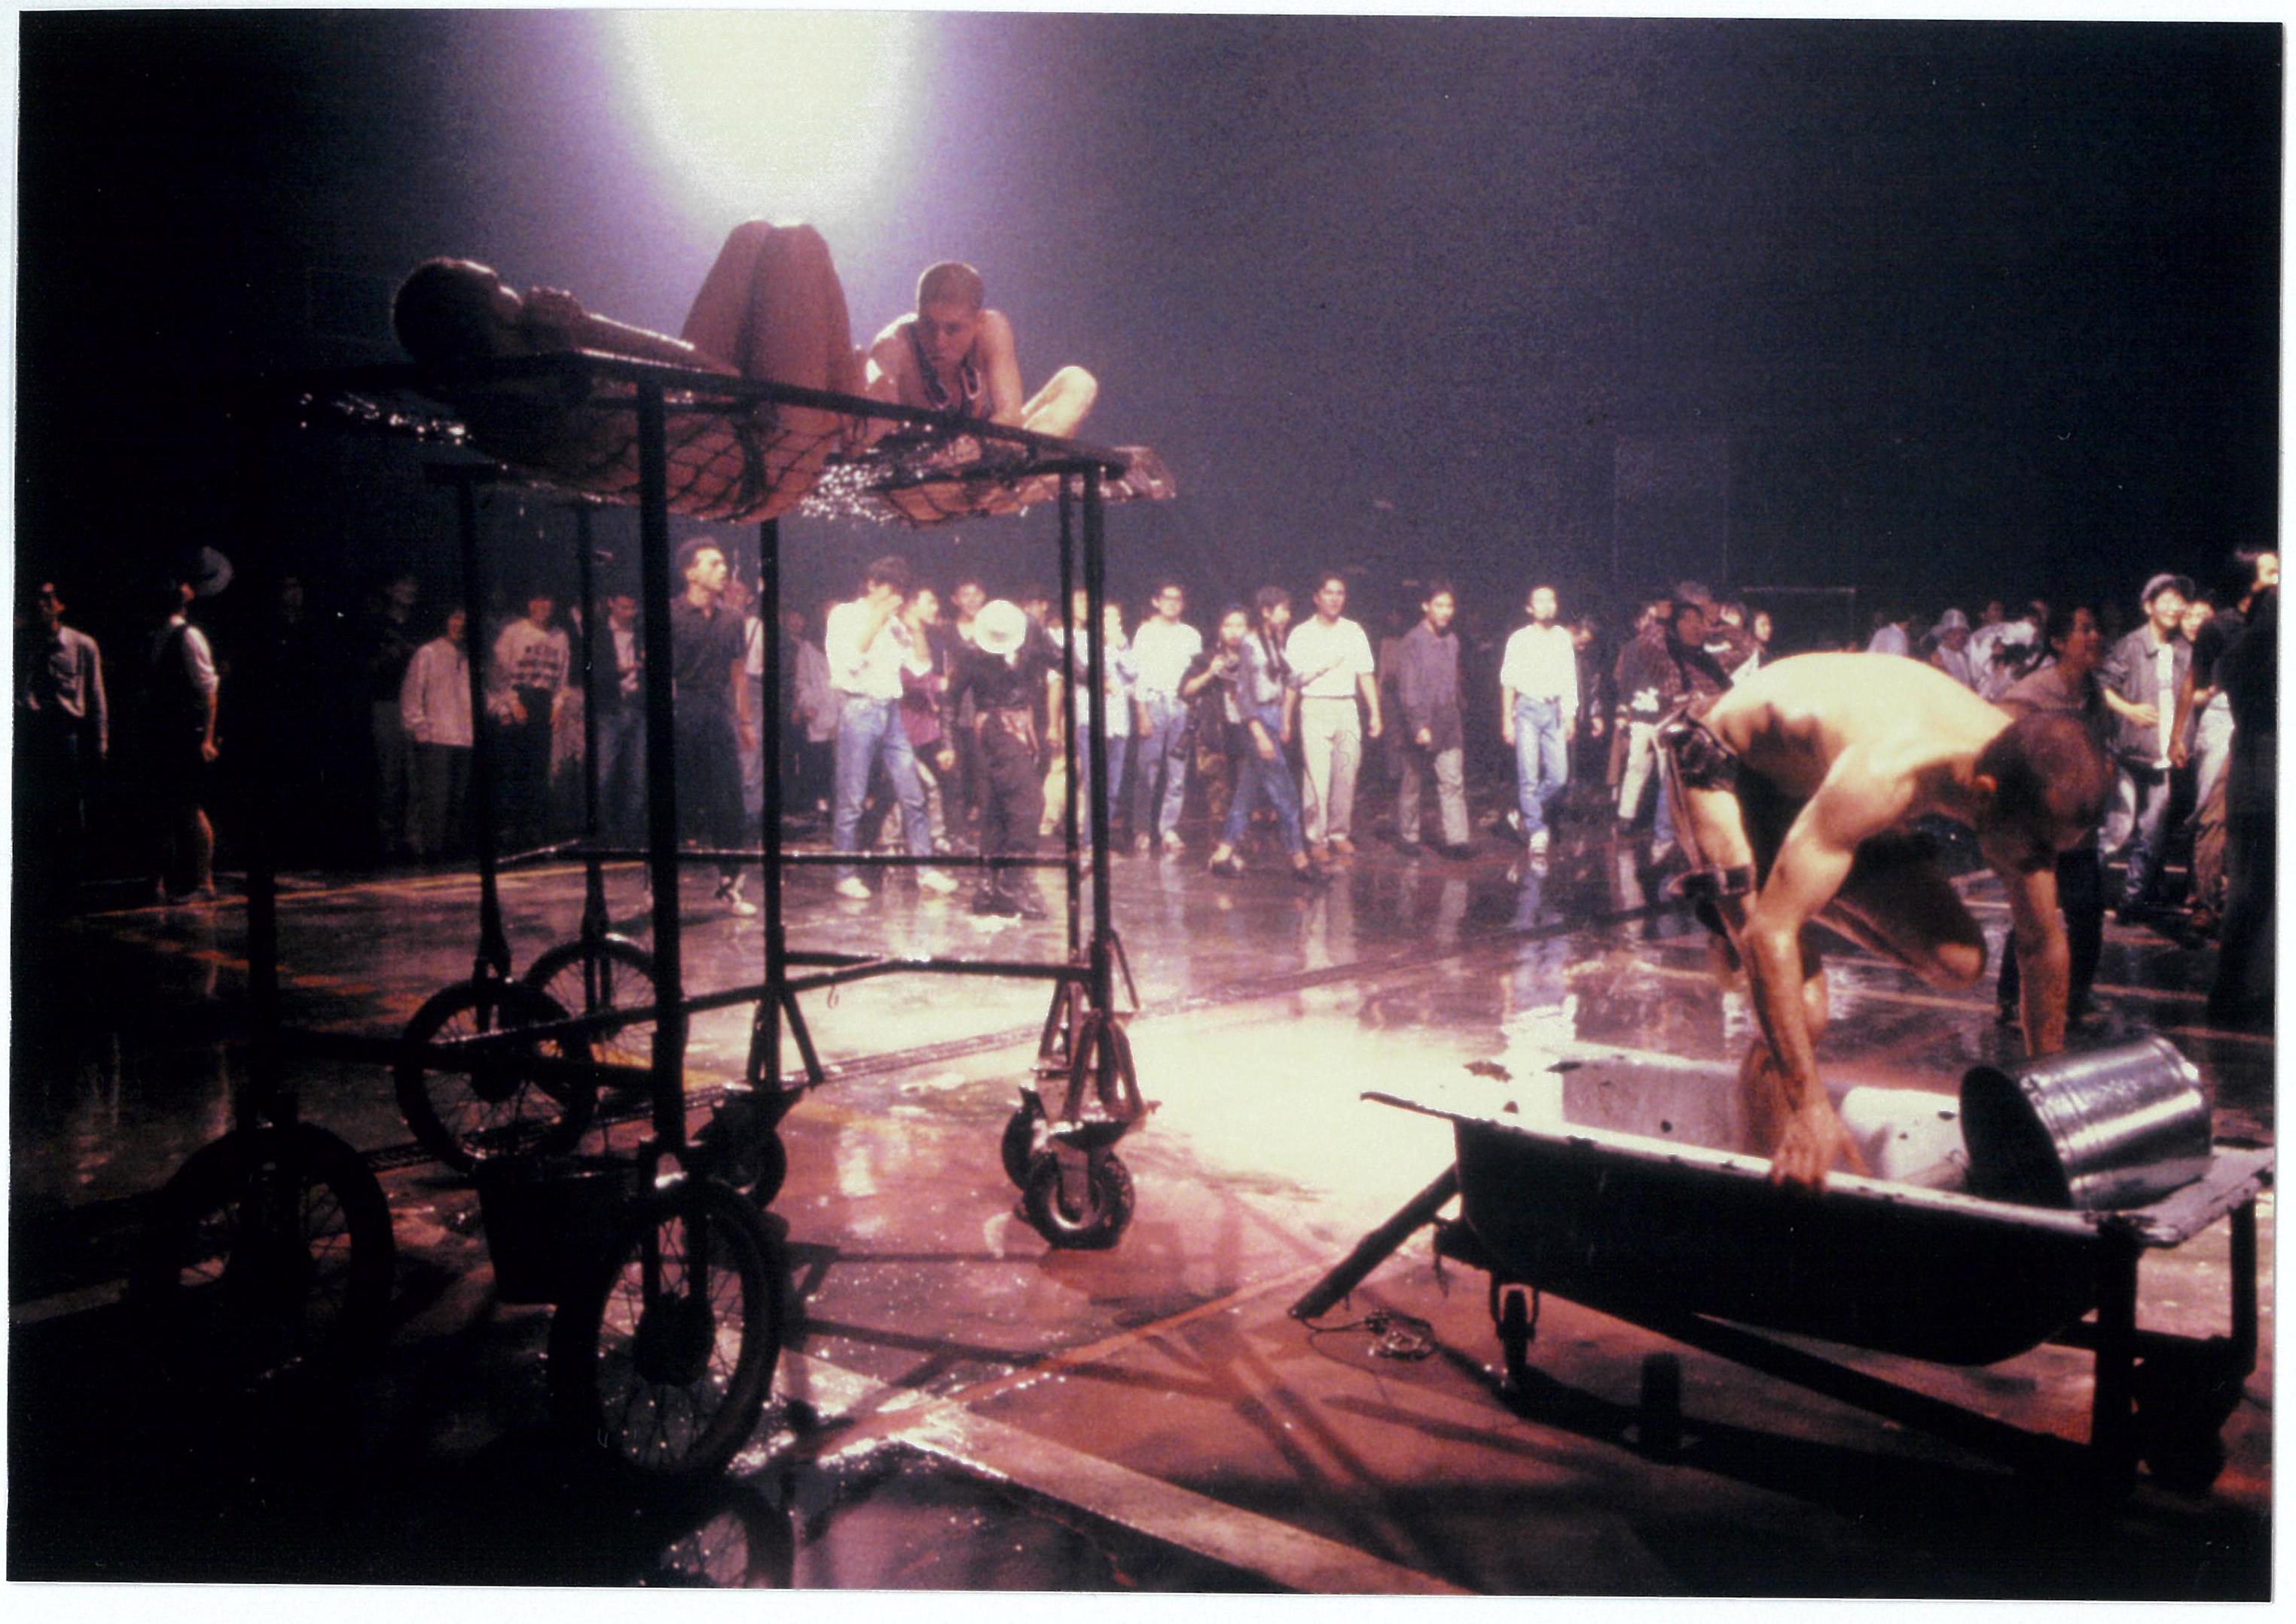 ラ・フーラ・デルス・バウス『Suz/O/Suz』 1989年 ヨコハマ・アート・ウェーブ 宇徳運輸新山下倉庫にて 撮影:宮内勝